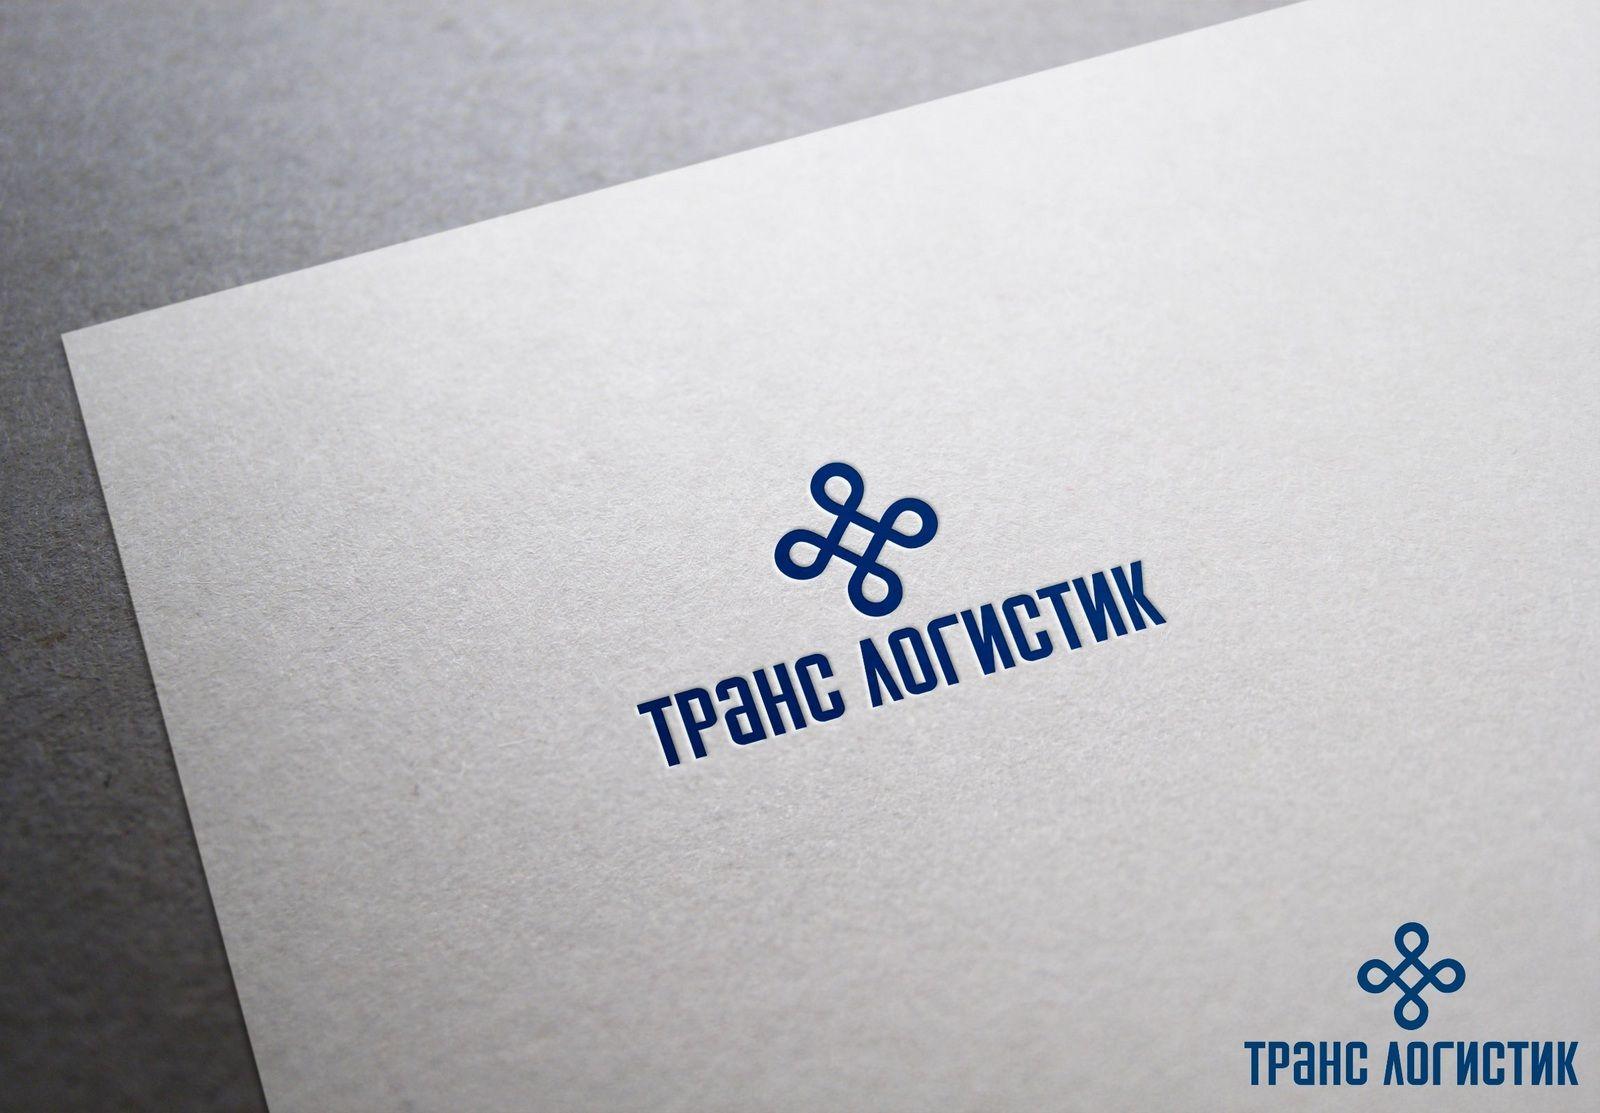 Логотип и визитка для транспортной компании - дизайнер Pulkov